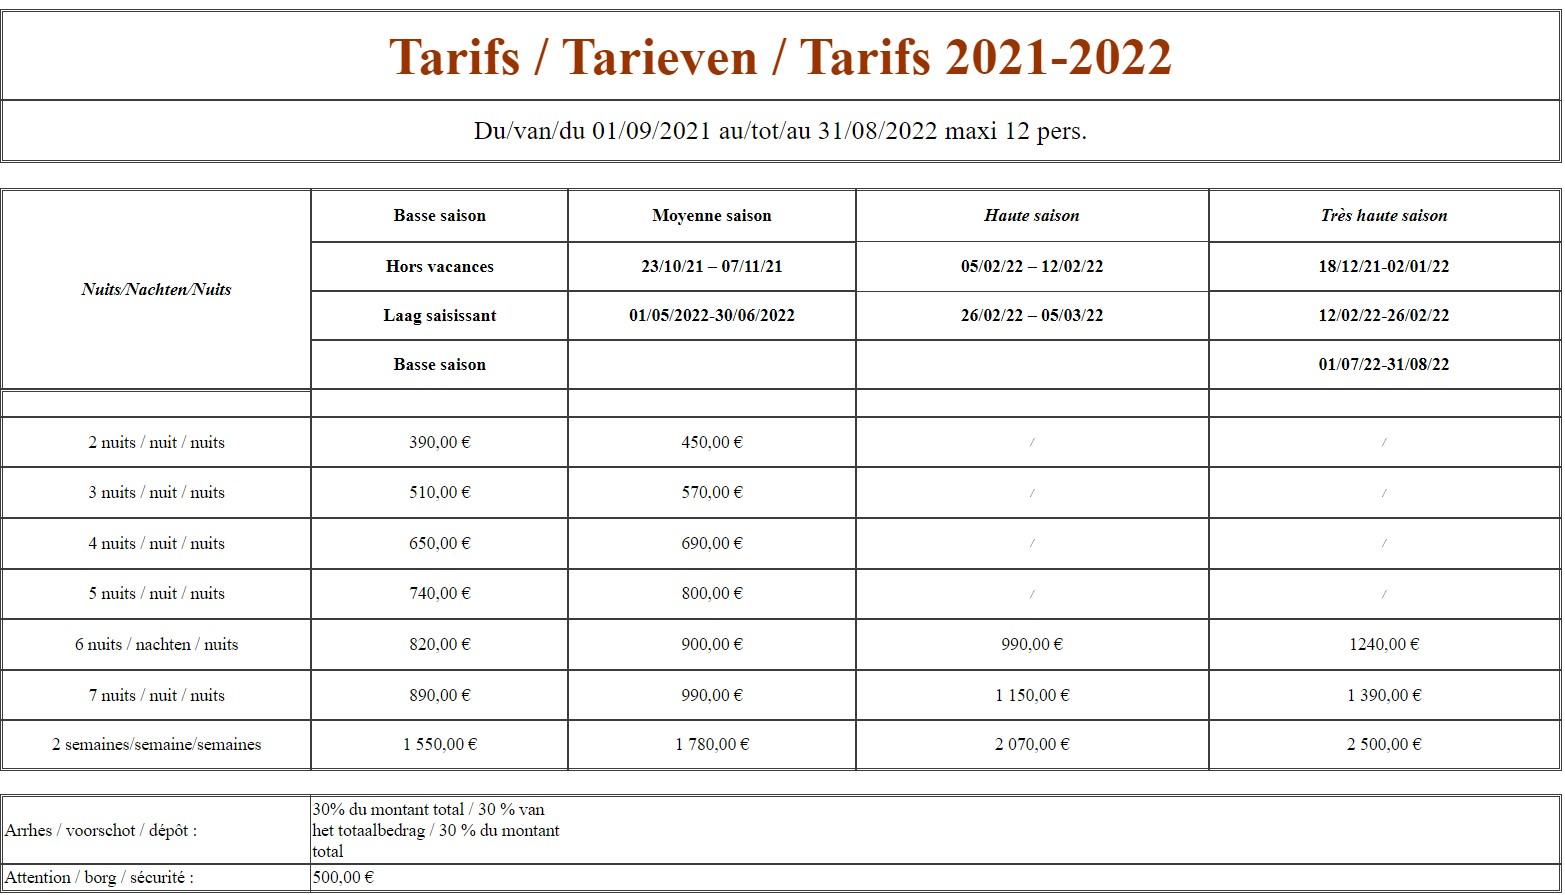 Les tarifs du gîte pour la saison 2021/2022